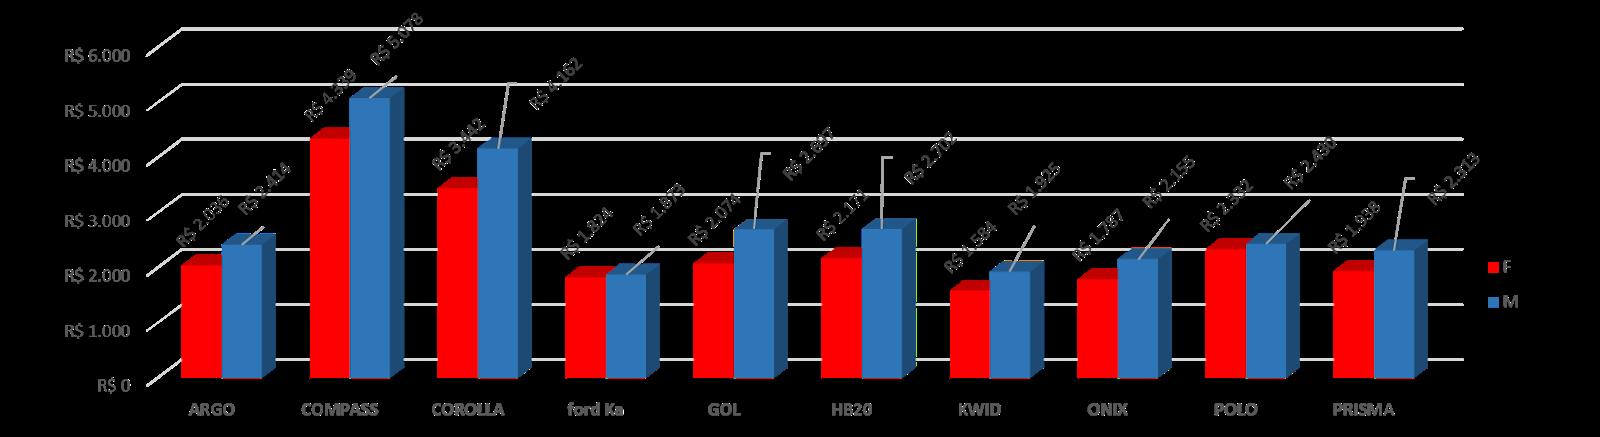 *Preço do seguro por modelo, mediana agosto. (vermelho: mulheres; azul: homens)